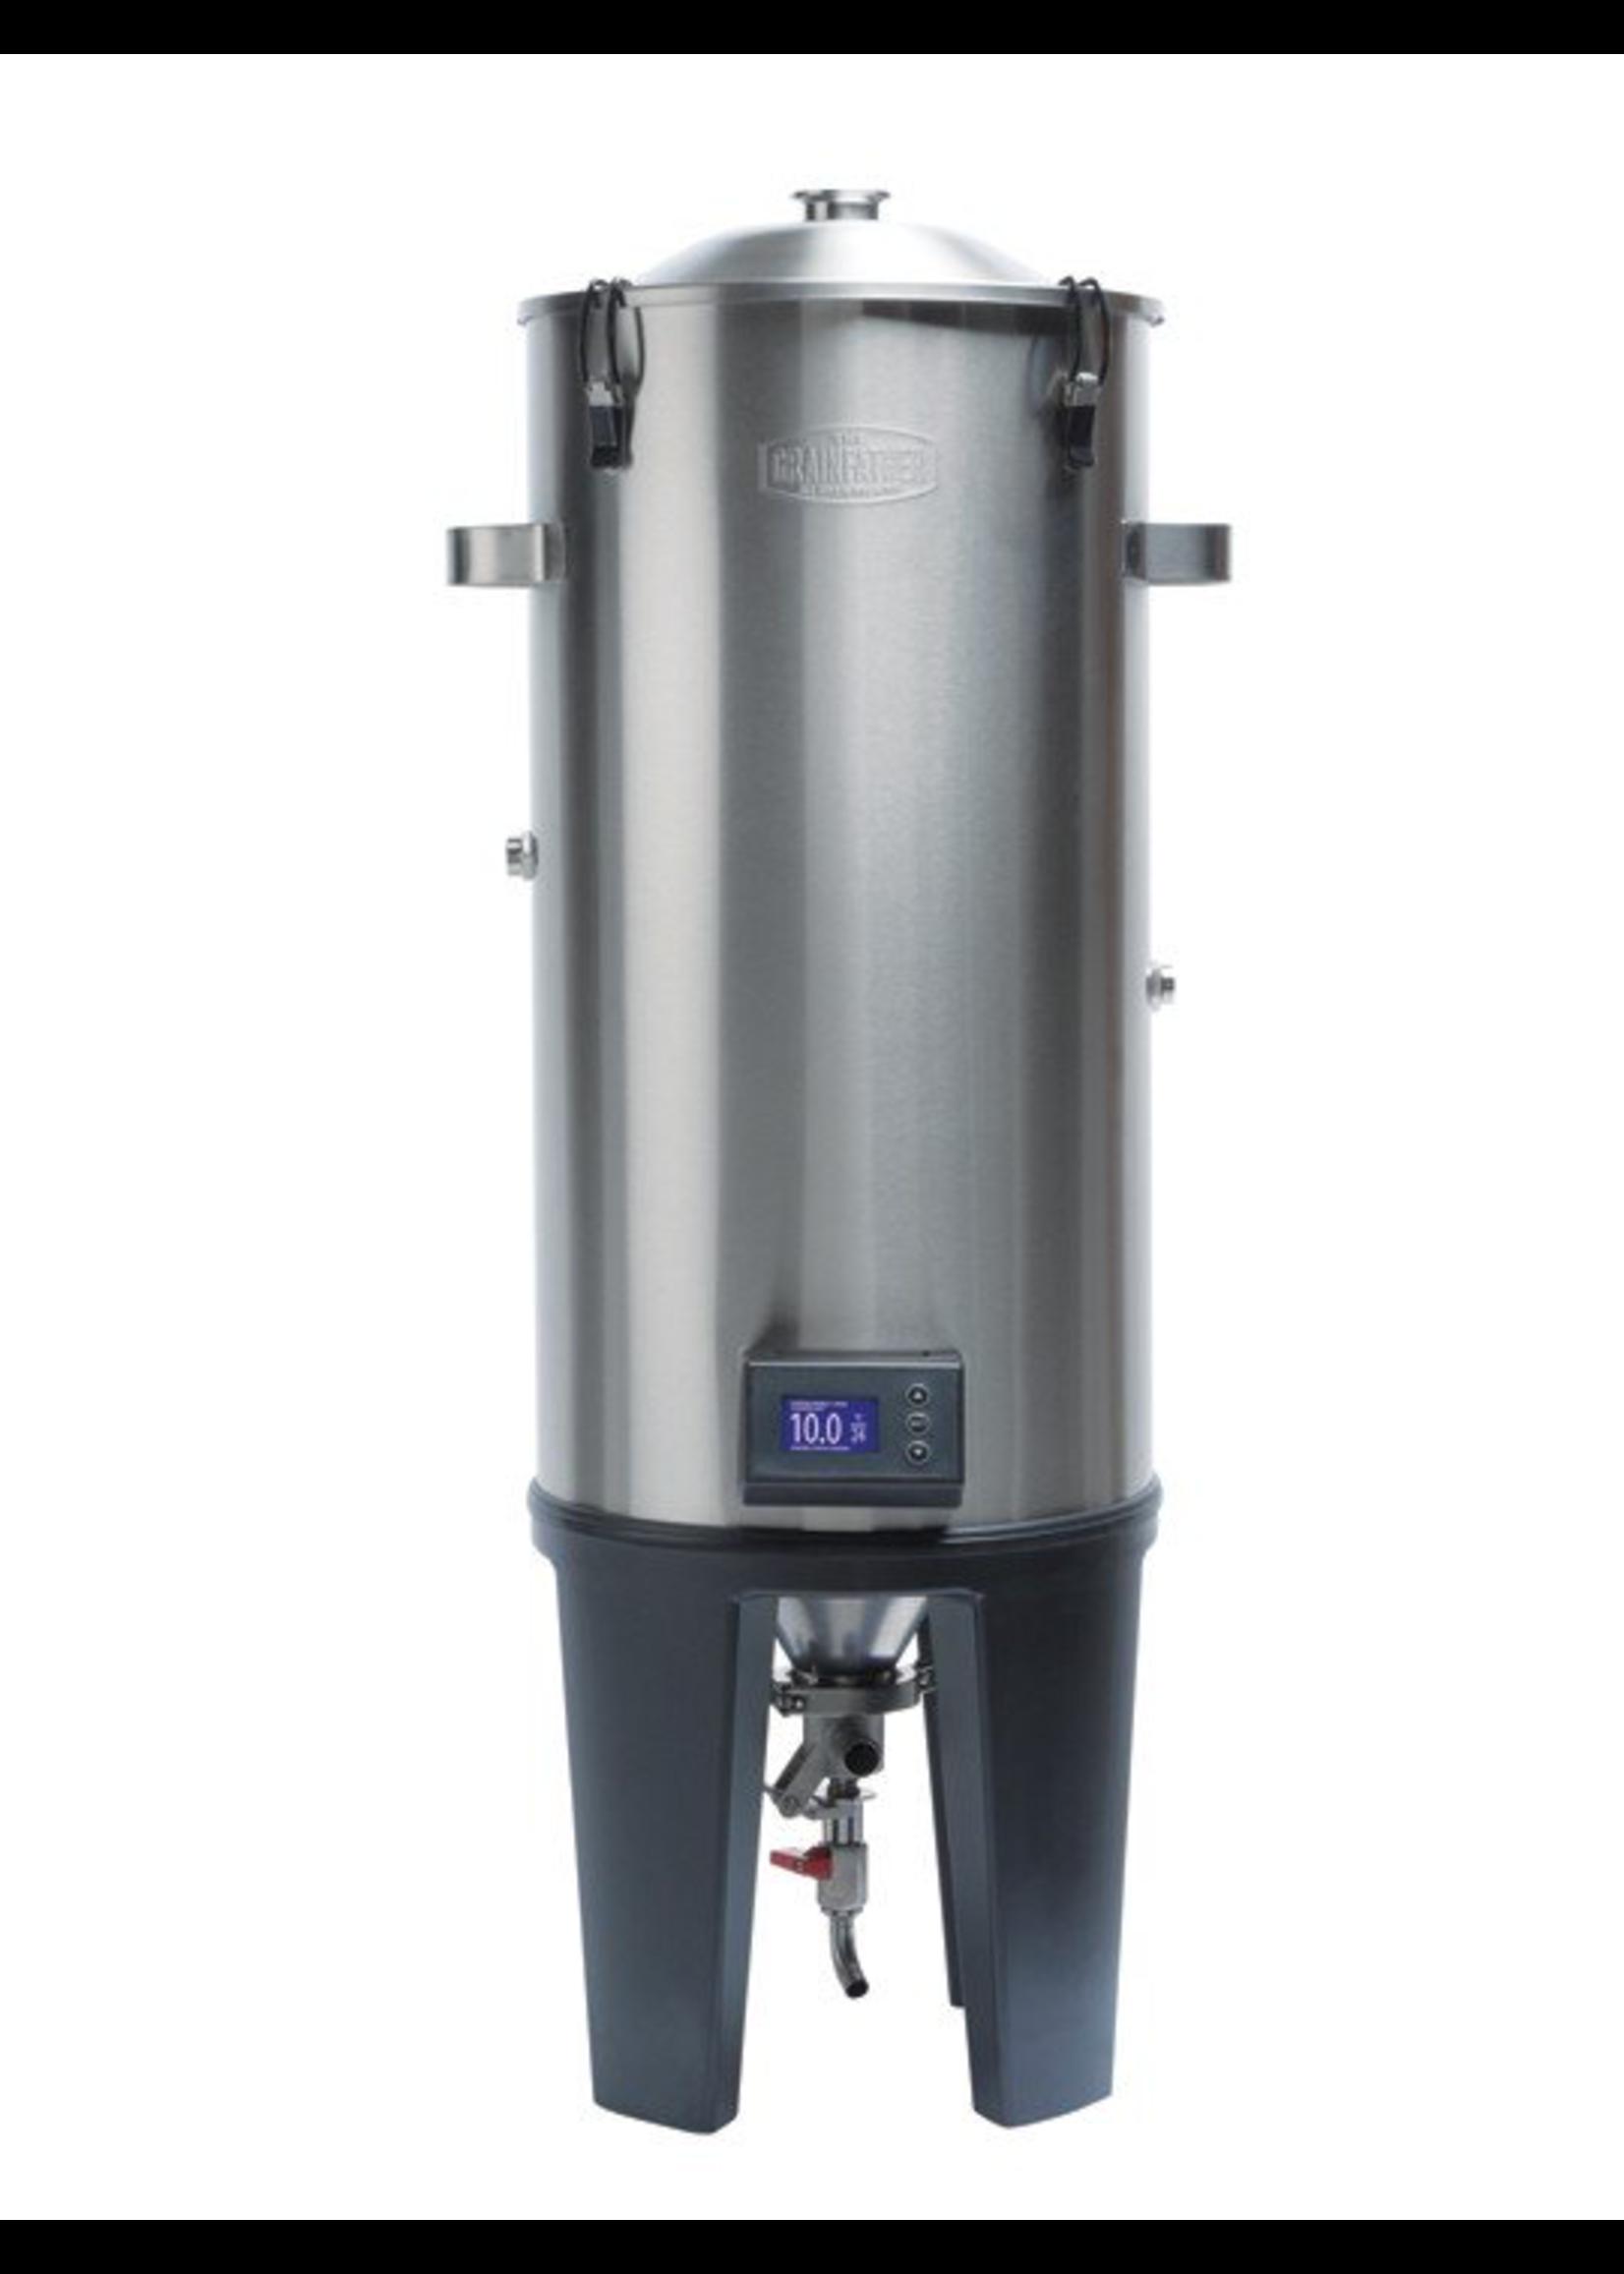 Fermentation The Grainfather - Conical Fermenter Unit (Fermenter Only)